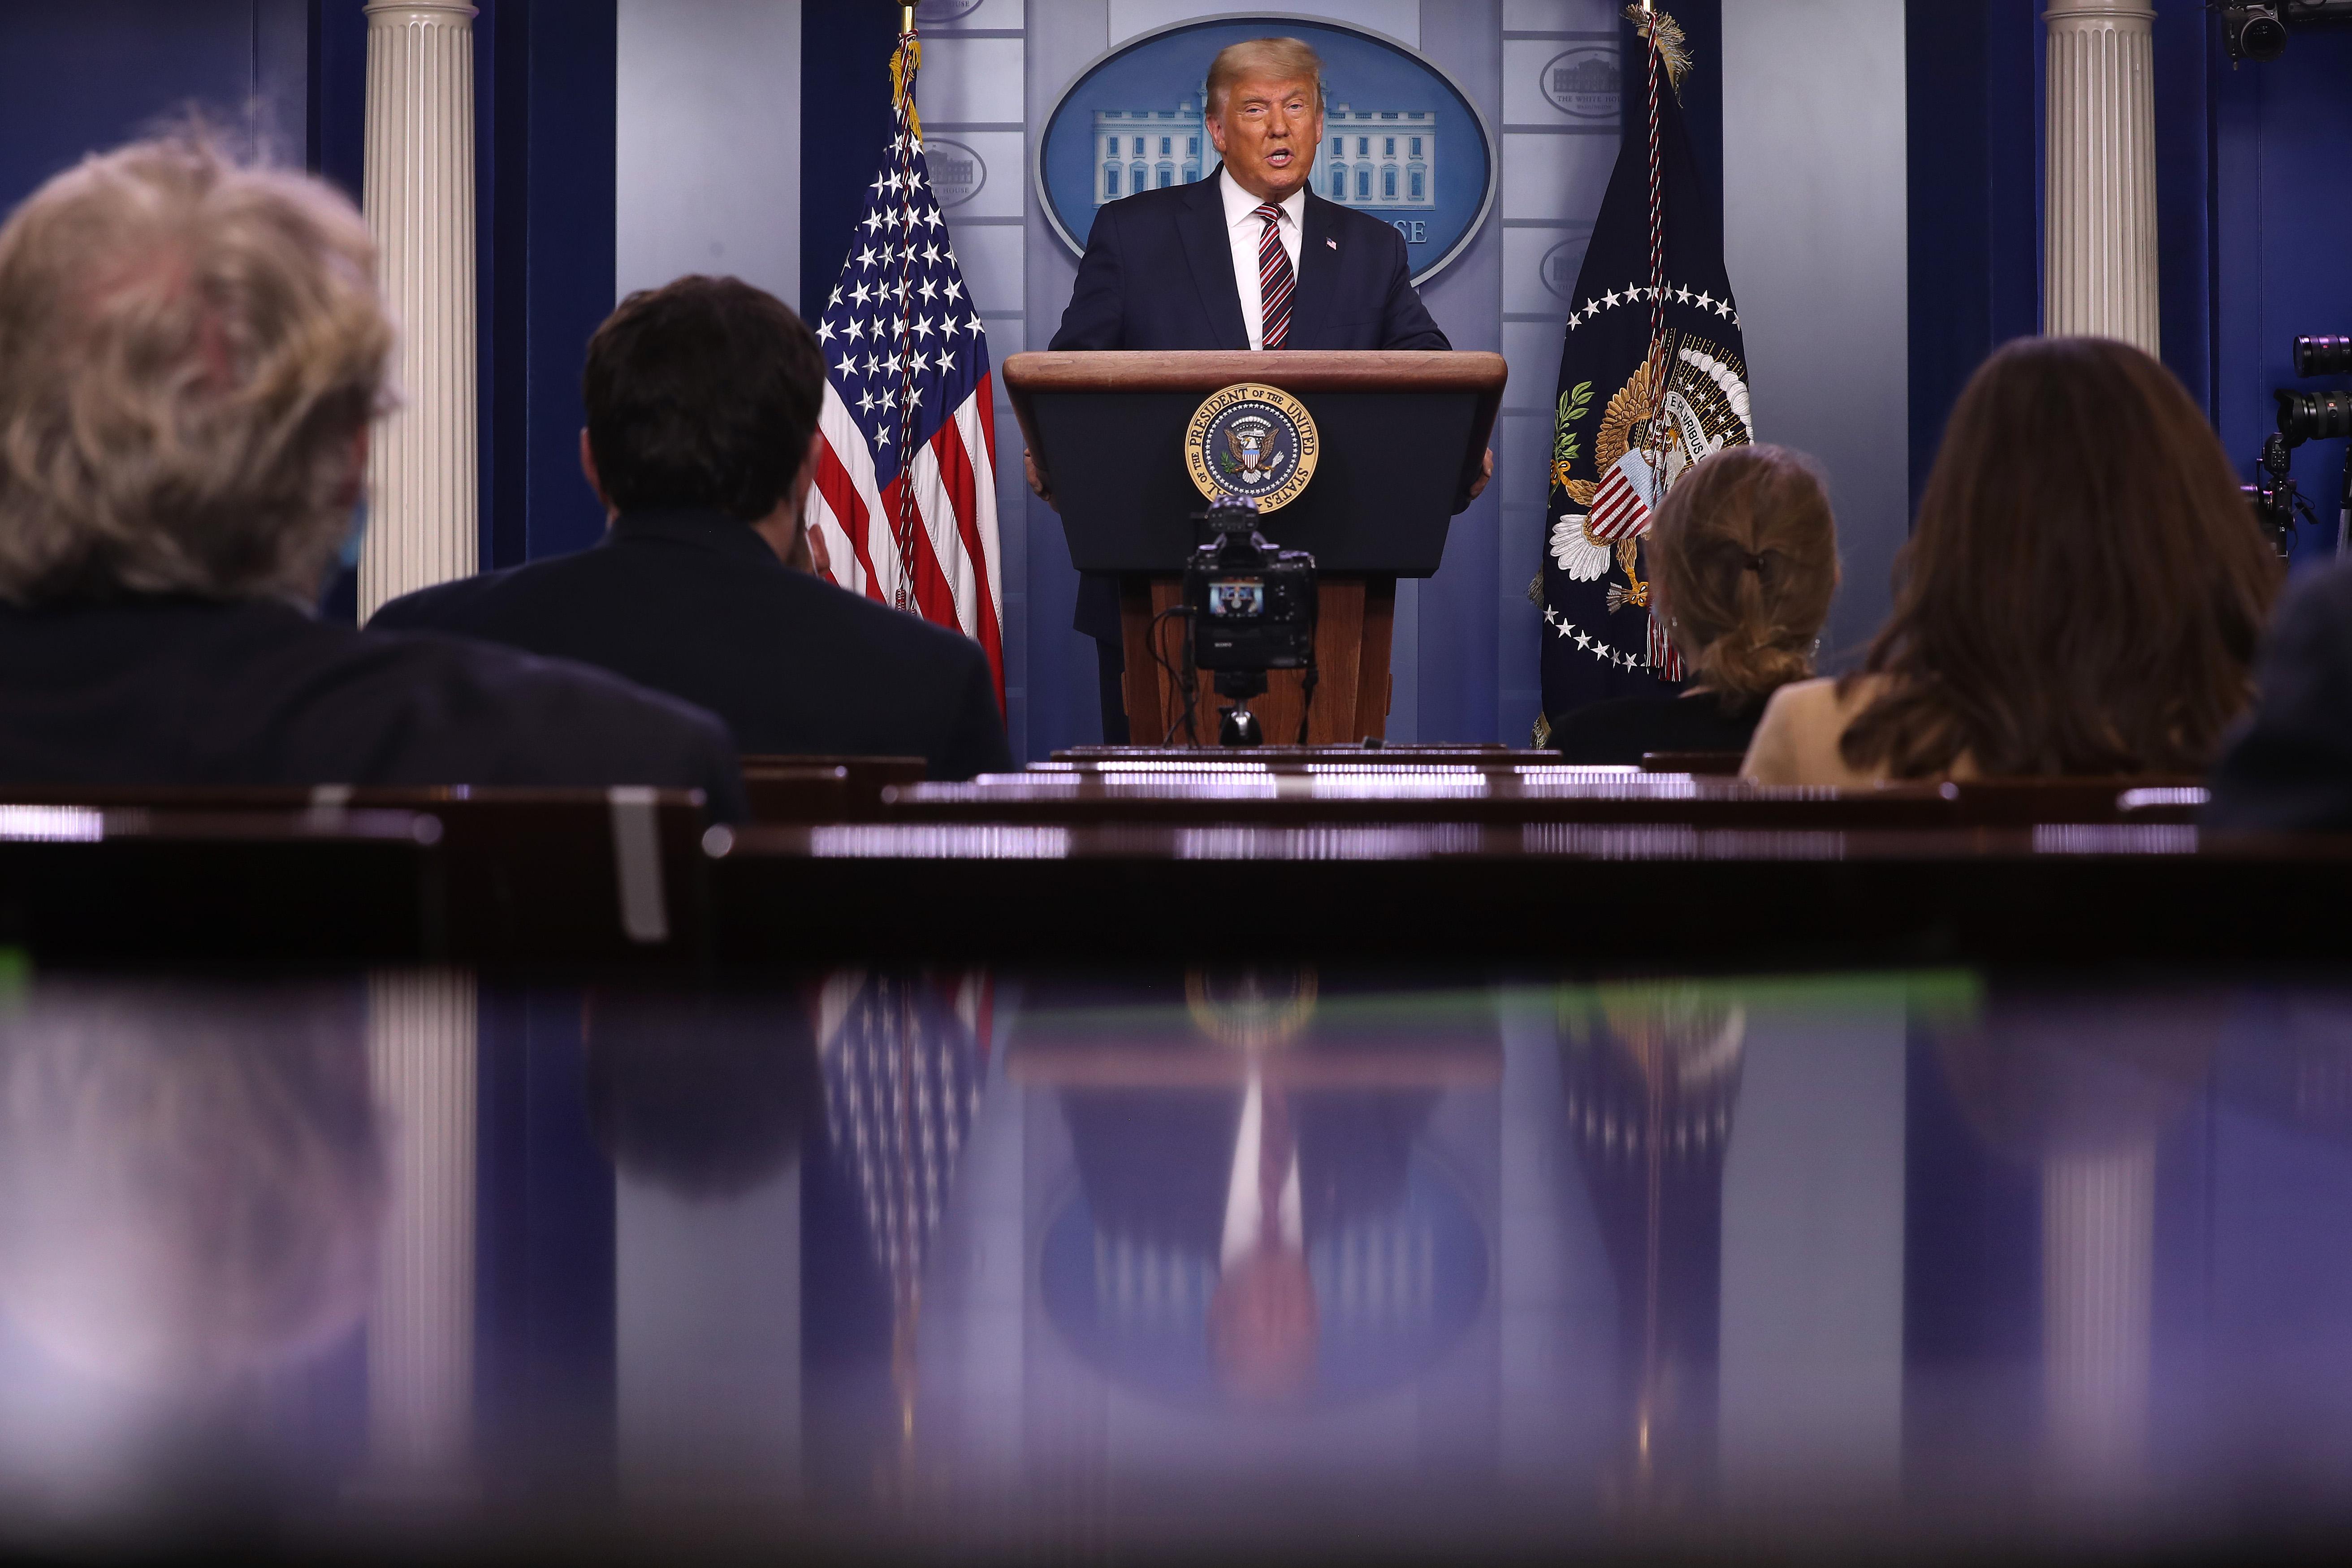 王赫:反特朗普聯盟的失敗難以避免